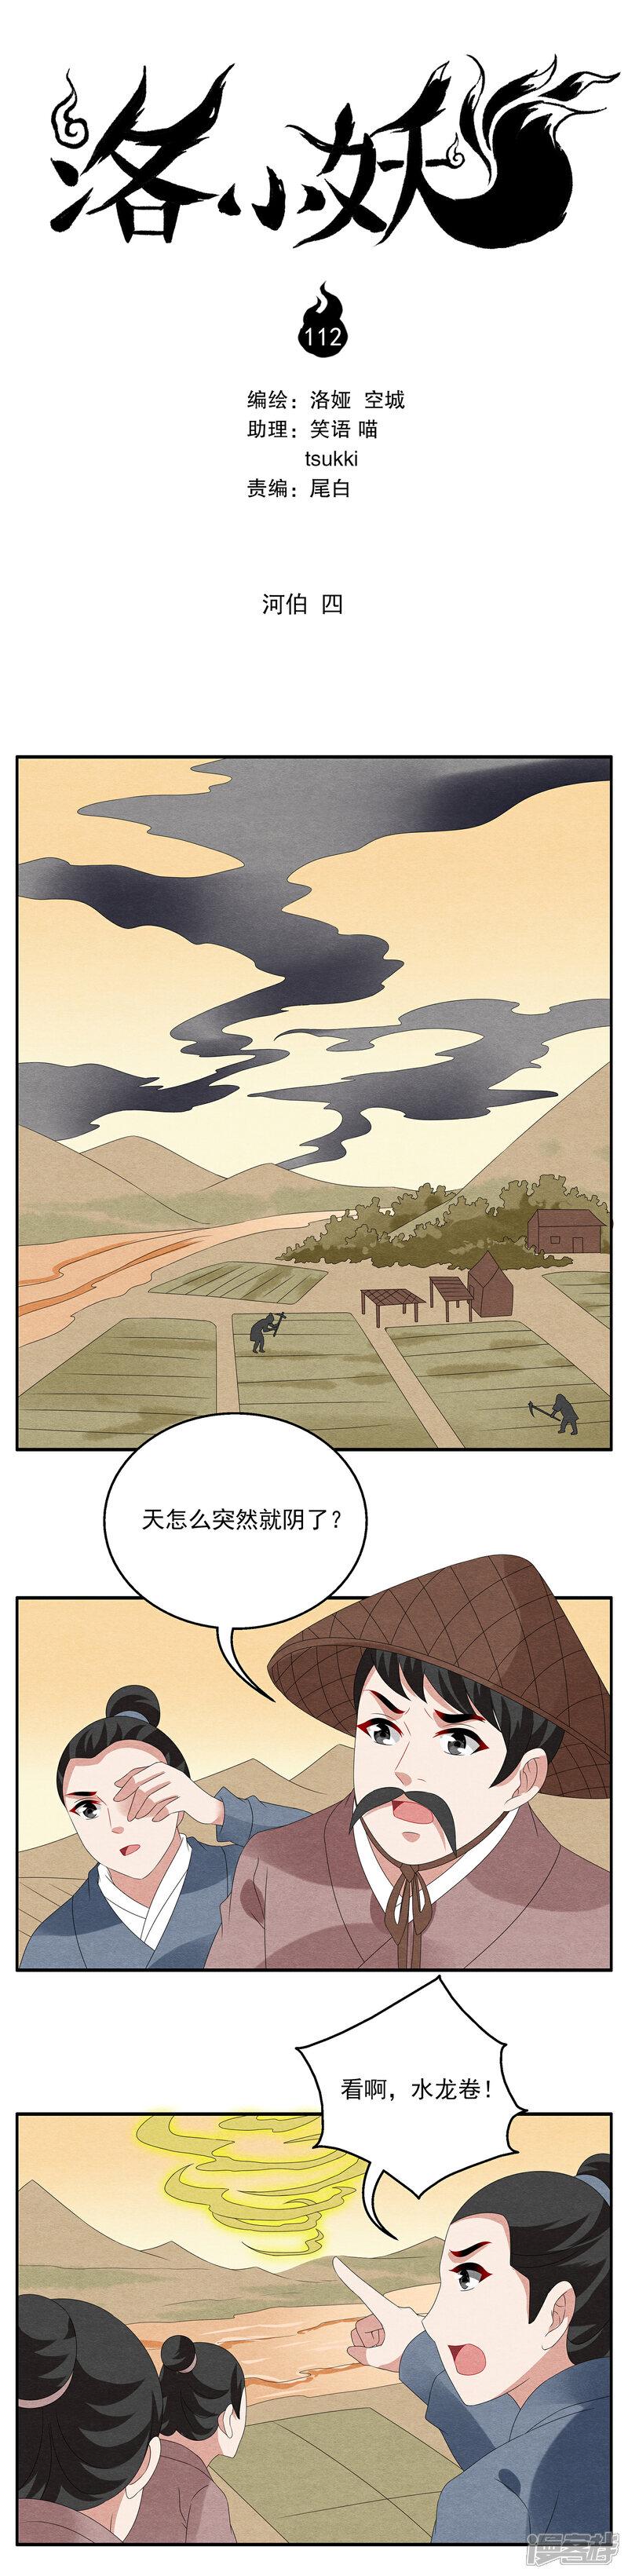 洛小妖112 (1)-1.jpg